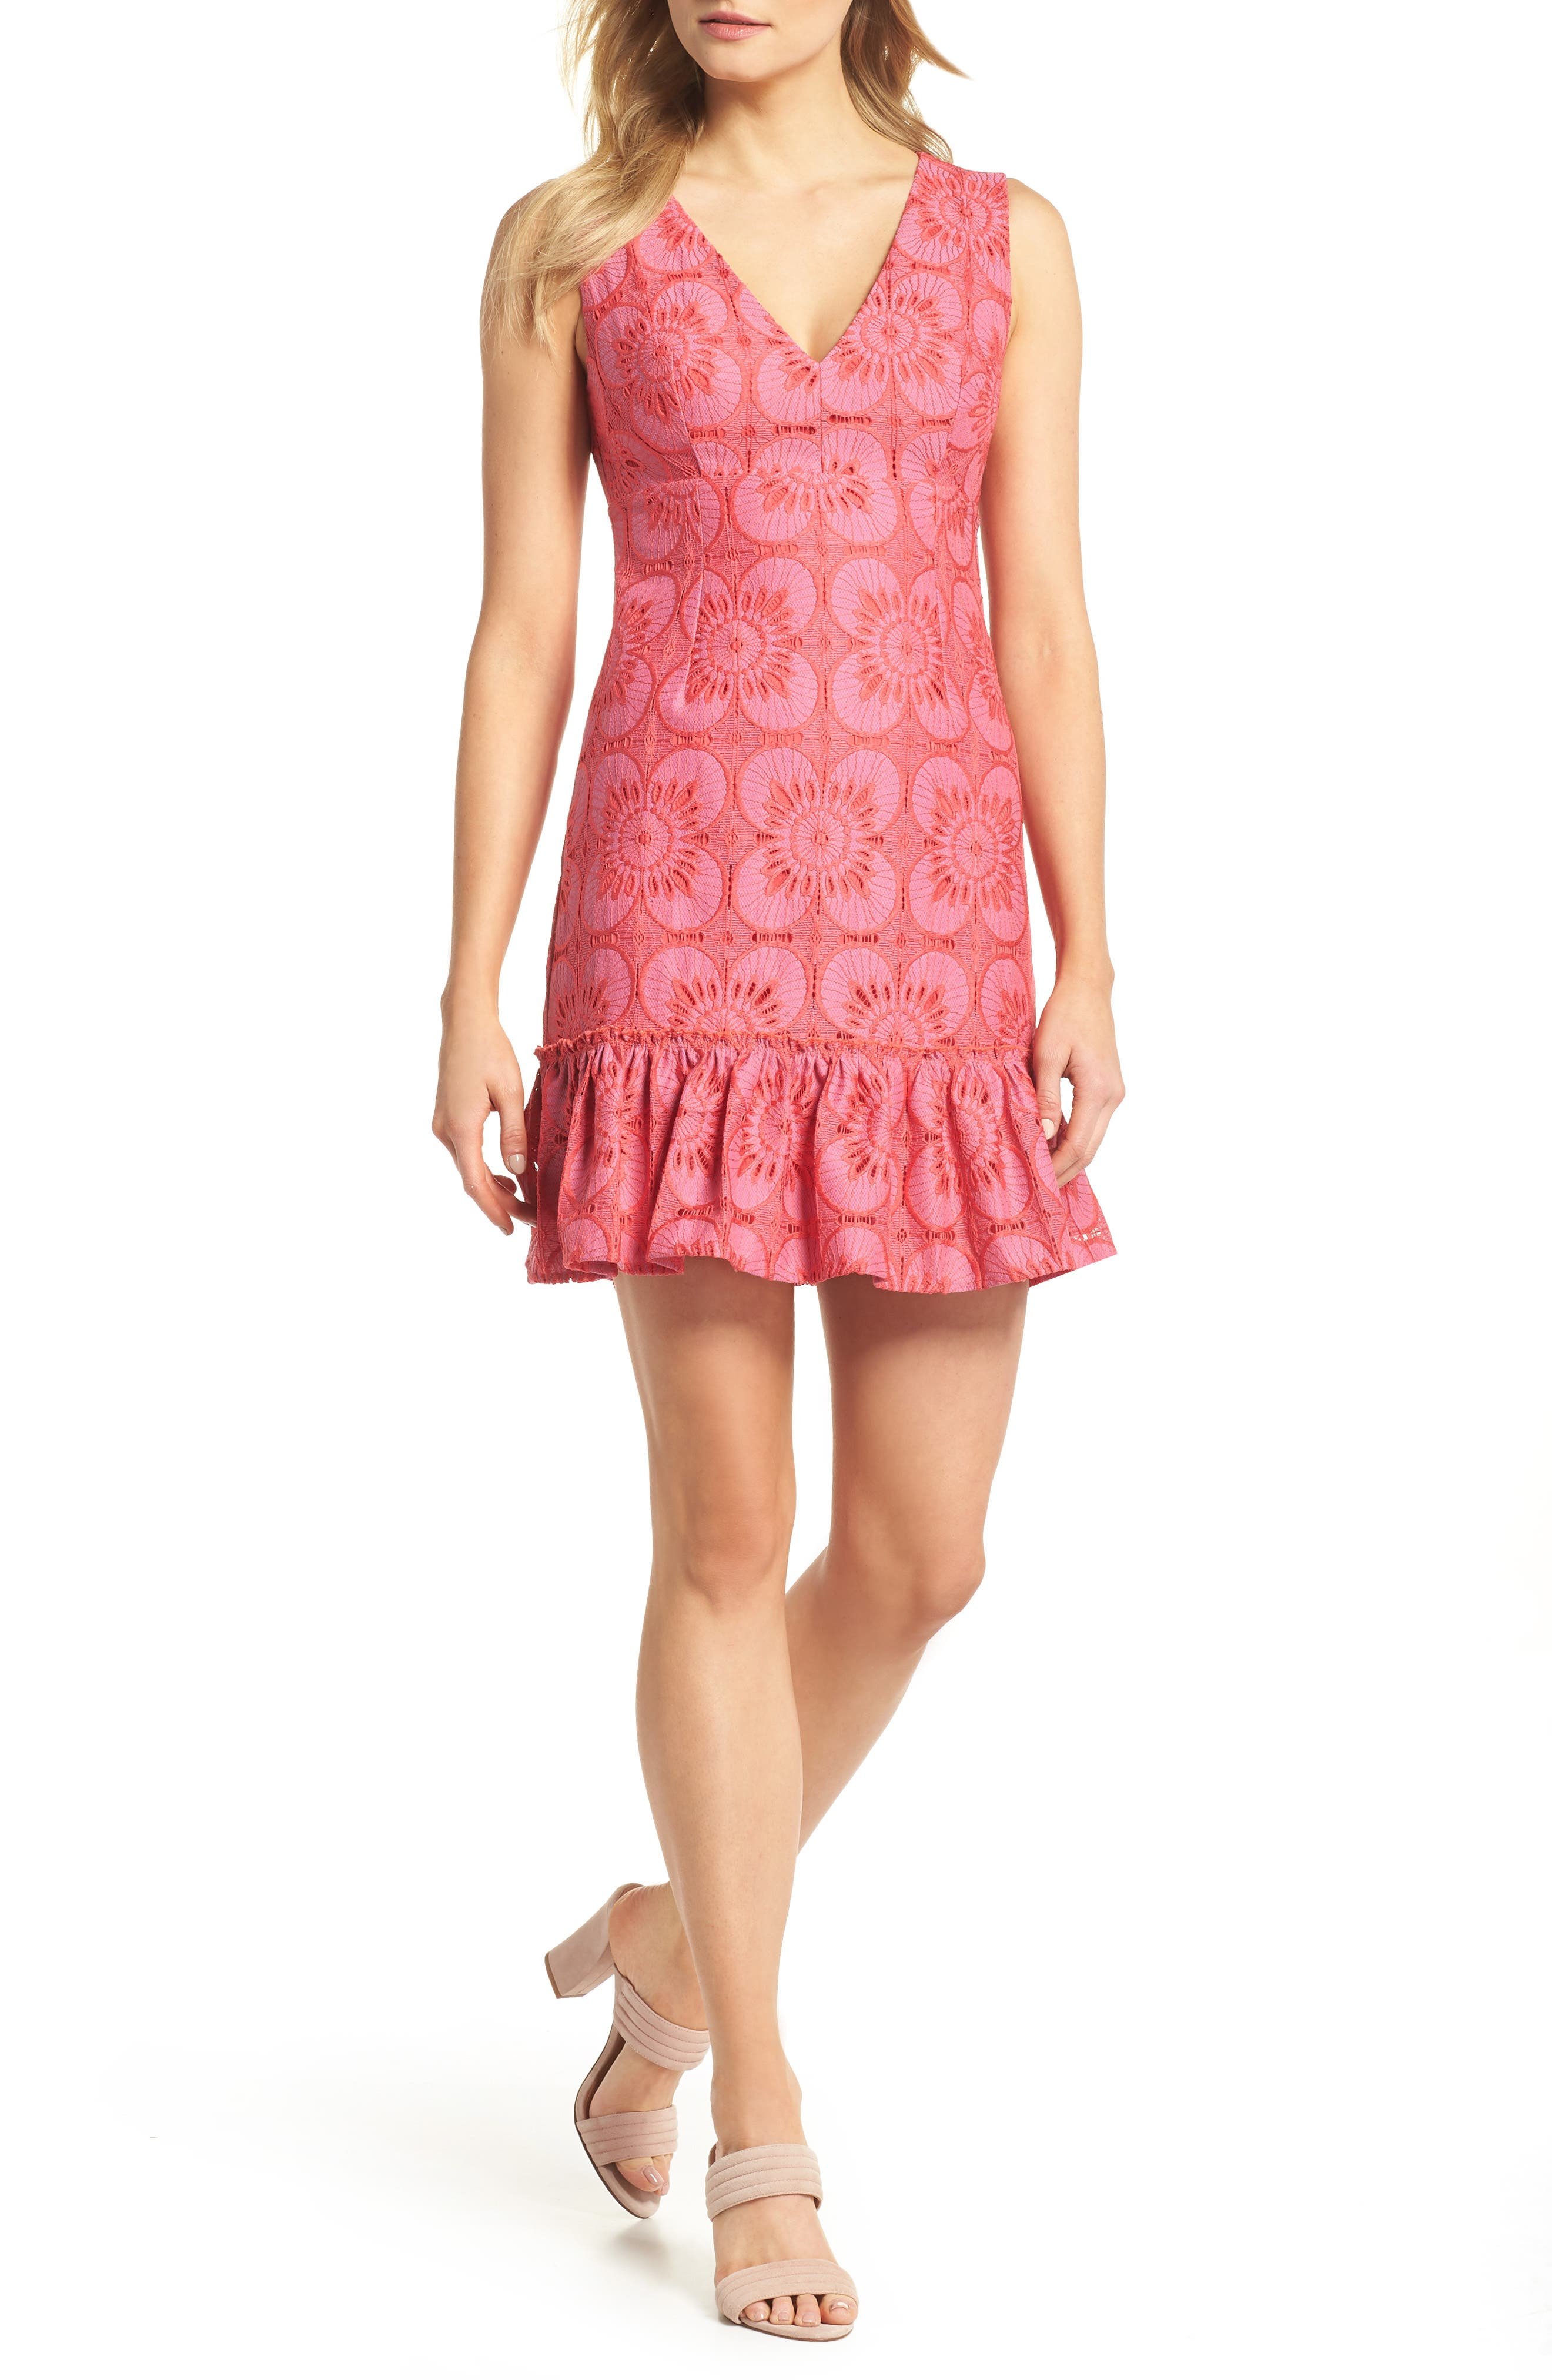 Carpinteria Lace Ruffle Hem Dress,                             Main thumbnail 1, color,